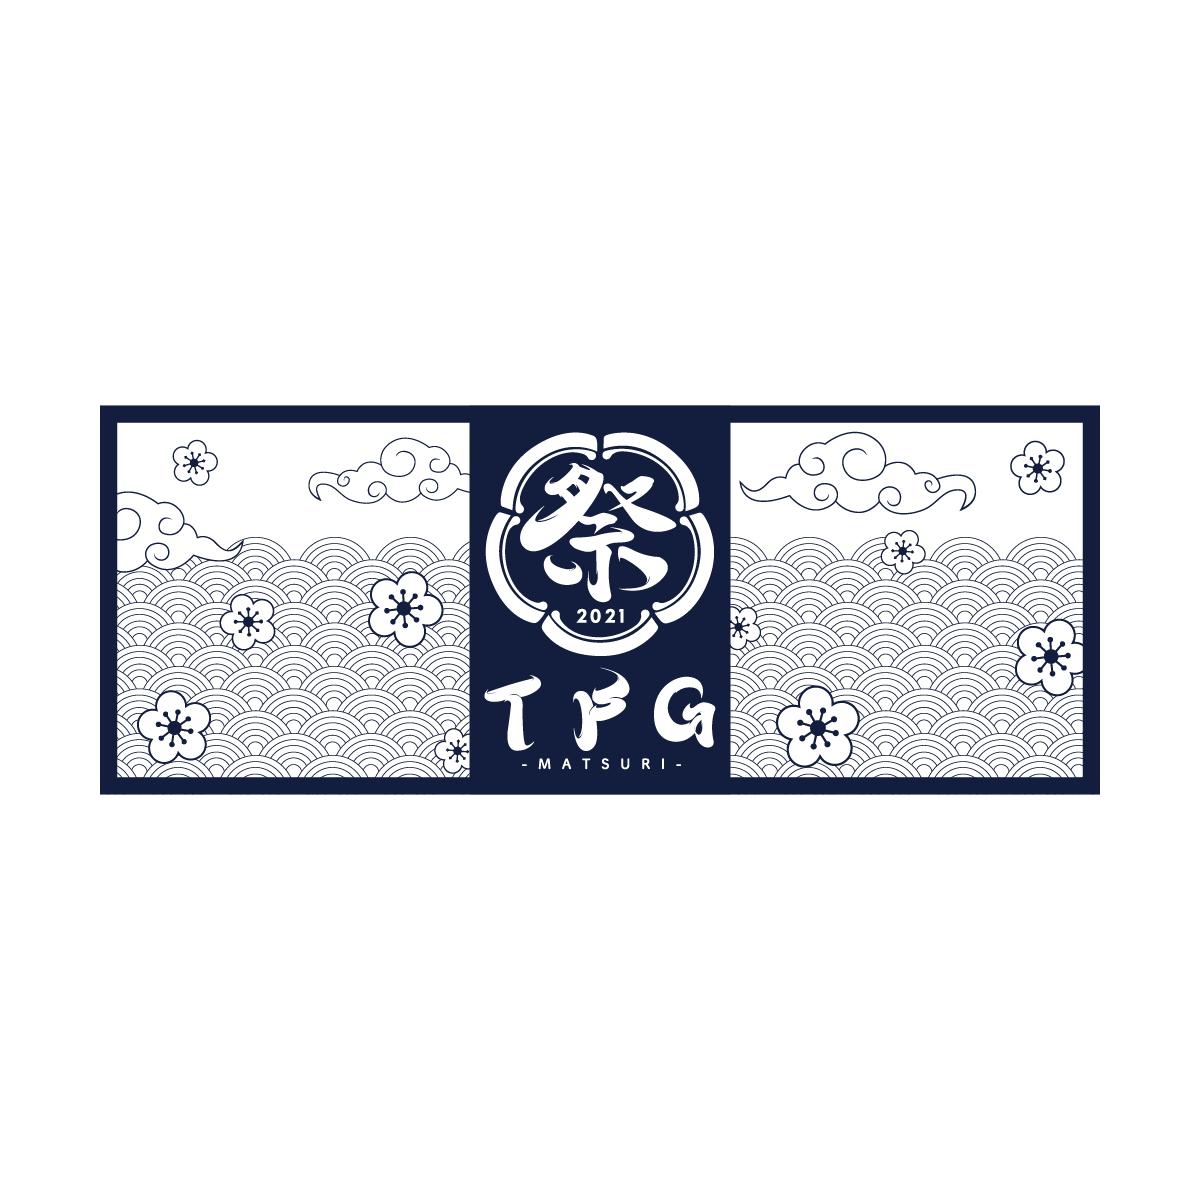 ▼予約▼【11/6夜公演・お見送り参加券付】おまとめセット